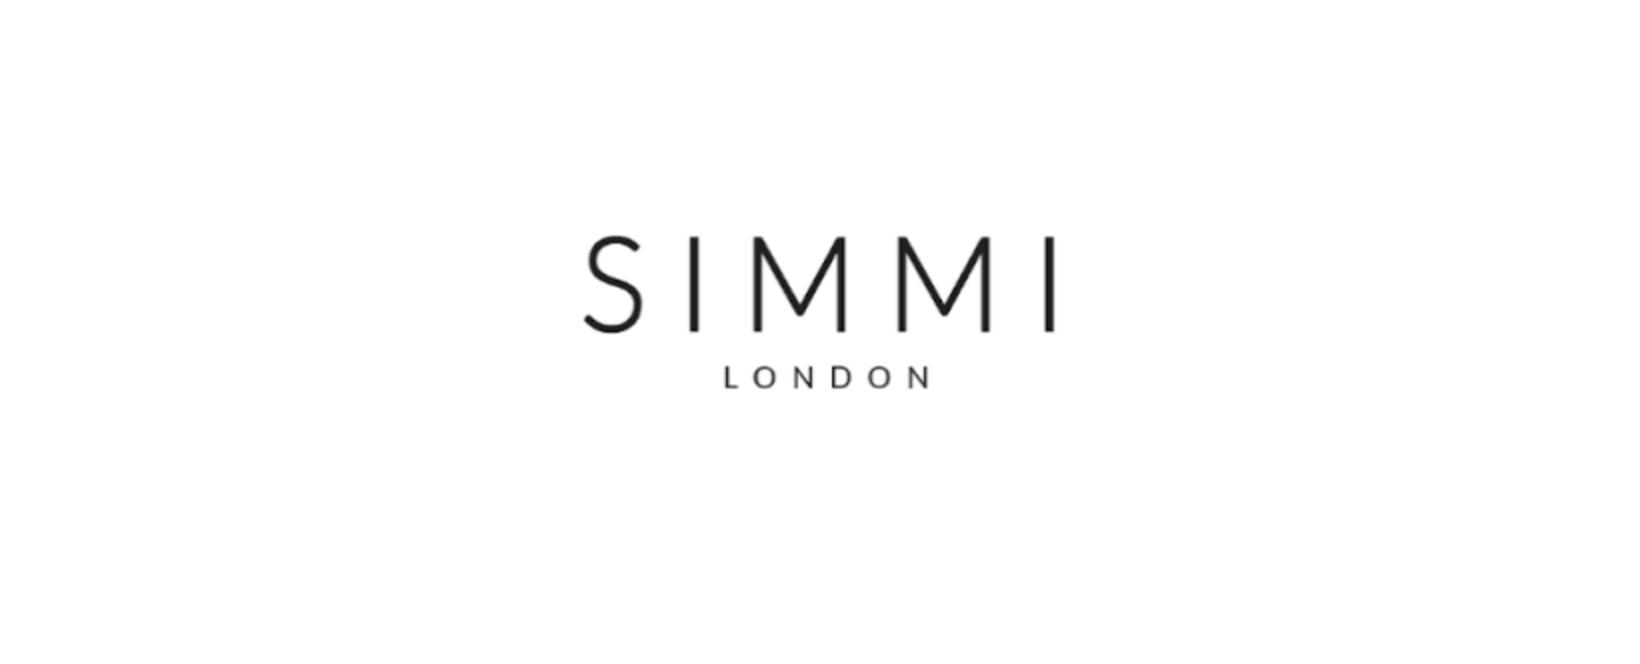 Simmi London UK Discount Code 2021